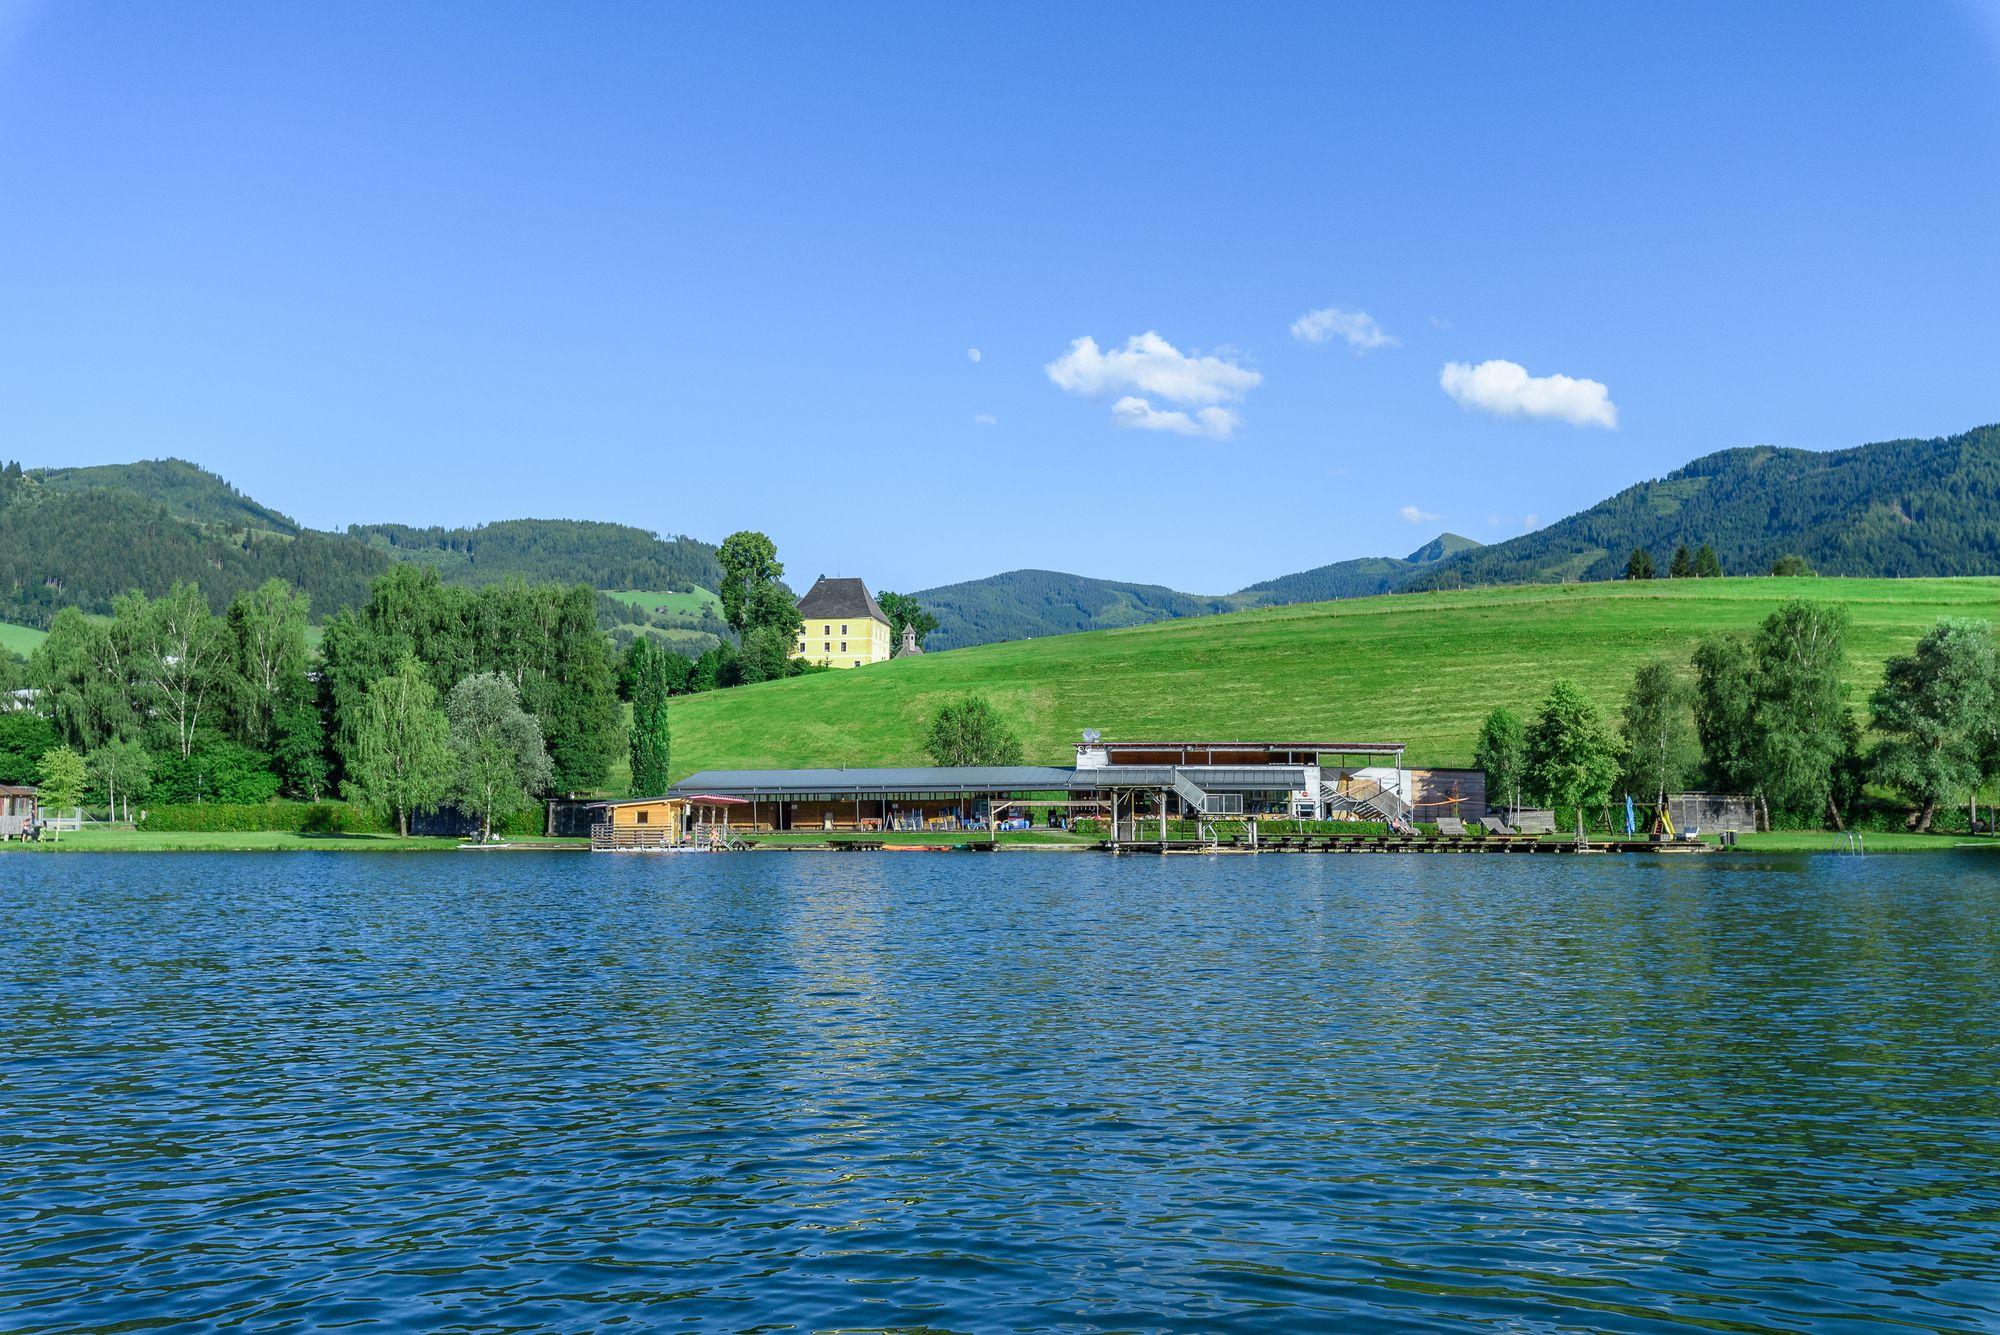 SPAR Landmarkt, 109 Aigen, Aigen im Ennstal, Steiermark